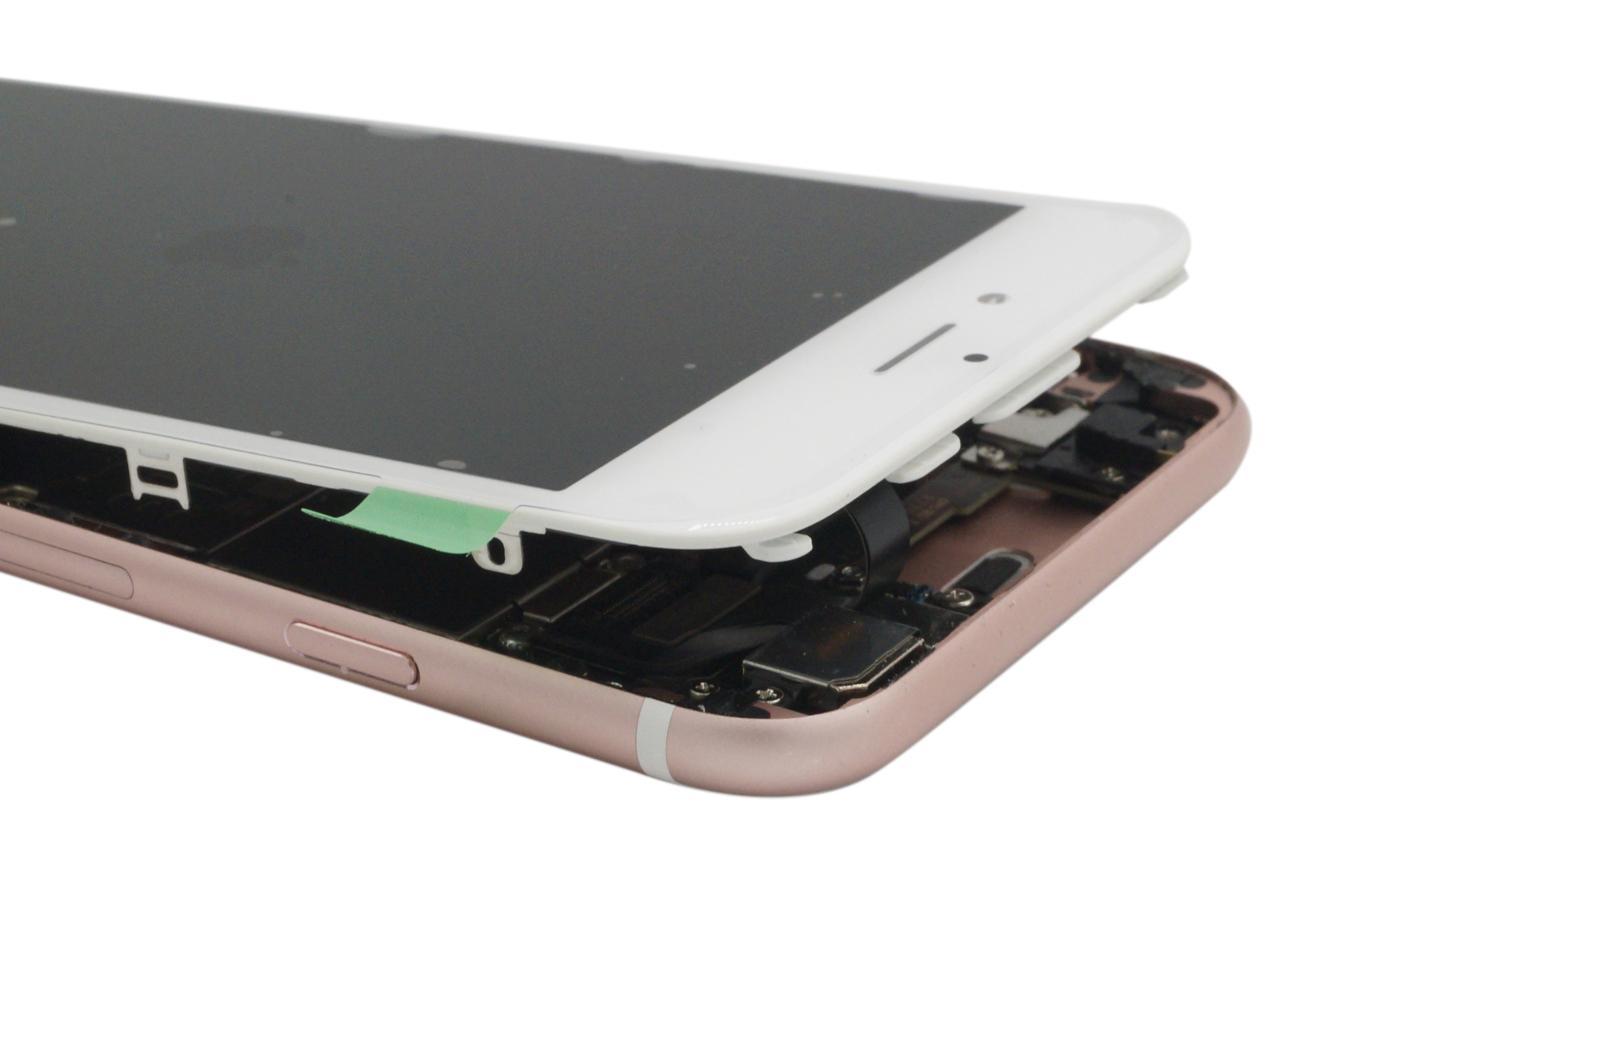 примеряем новый экран iPhone 6S